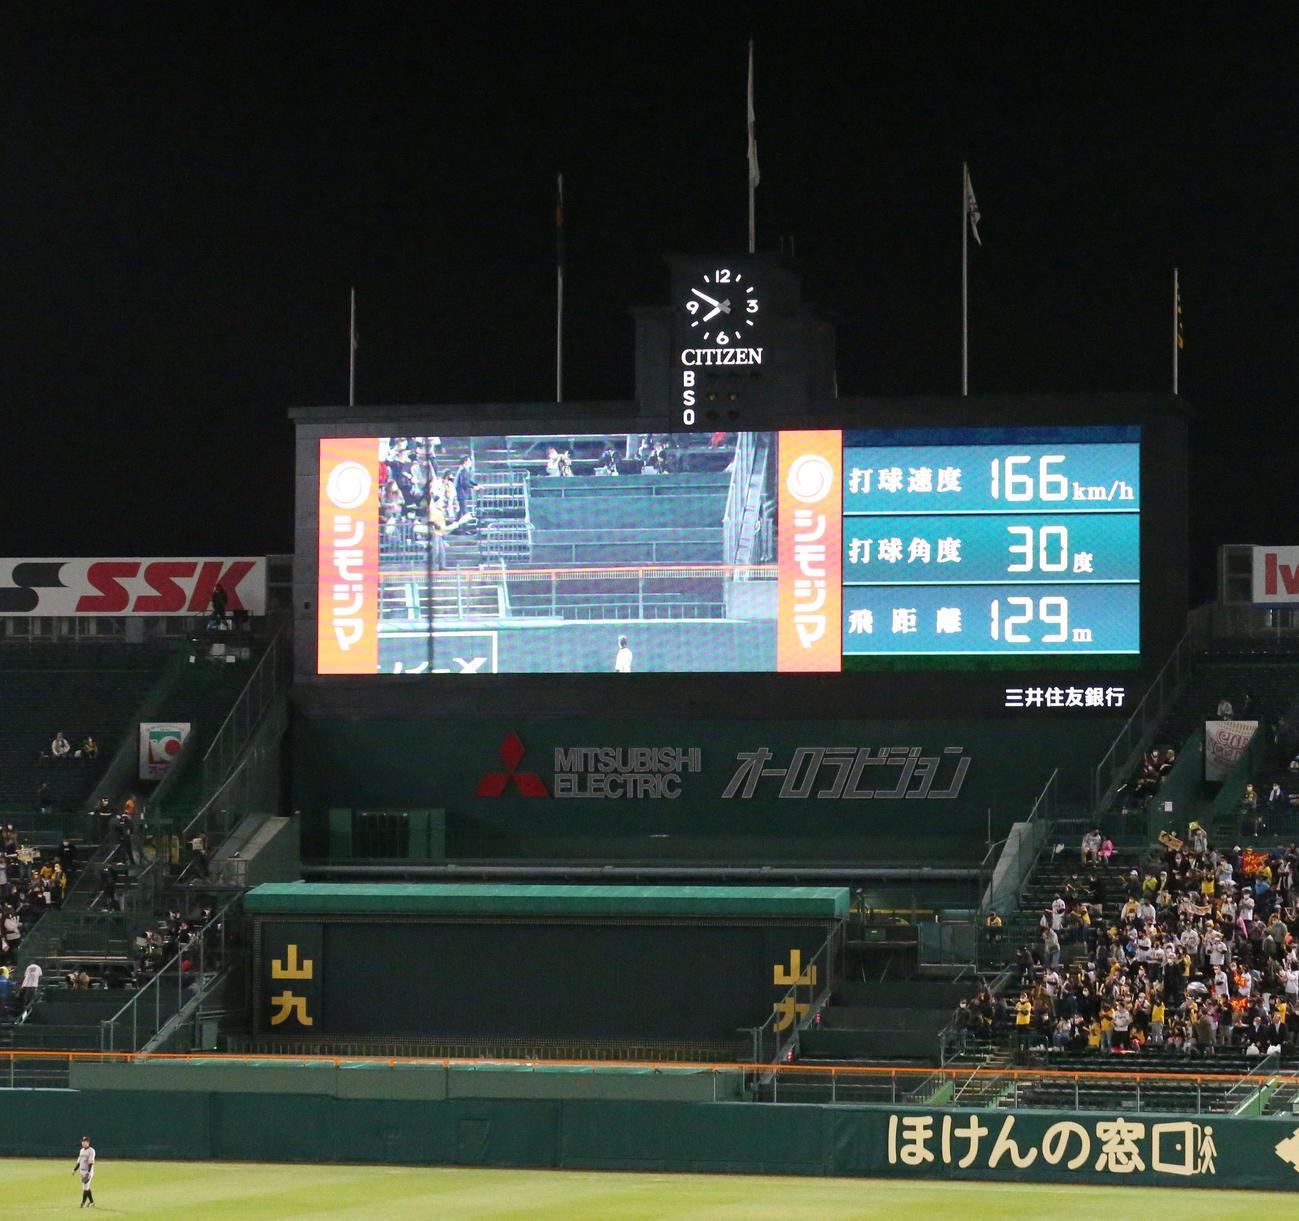 中越え2点本塁打を放ったサンズの打球速度などを表示するスコアボード(撮影・上山淳一)